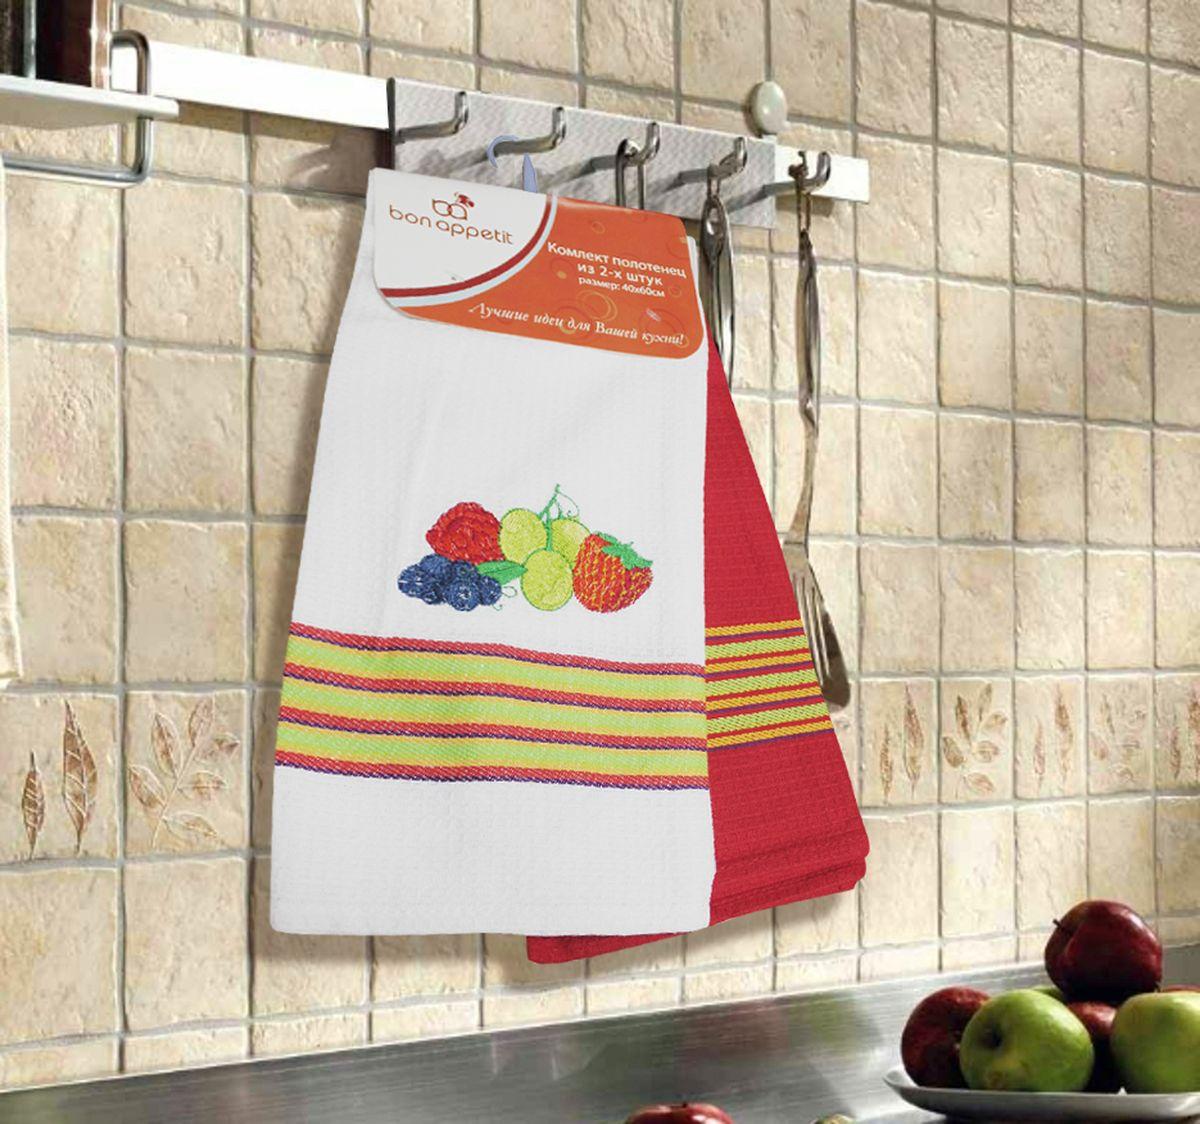 Набор кухонных полотенец Bon Appetit Berrys, цвет: красный, 2 штVT-1520(SR)Кухонные Полотенца Bon Appetit - В помощь хозяйке на кухне!!! Кухонные Полотенца Bon Appetit идеально дополнят интерьер вашей кухни и создадут атмосферу уюта и комфорта. Полотенца выполнены из натурального 100% Хлопка, поэтому являются экологически чистыми. Качество материала гарантирует безопасность не только взрослых, но и самых маленьких членов семьи.Bon Appetit – Интерьер и Практичность Современной Кухни!